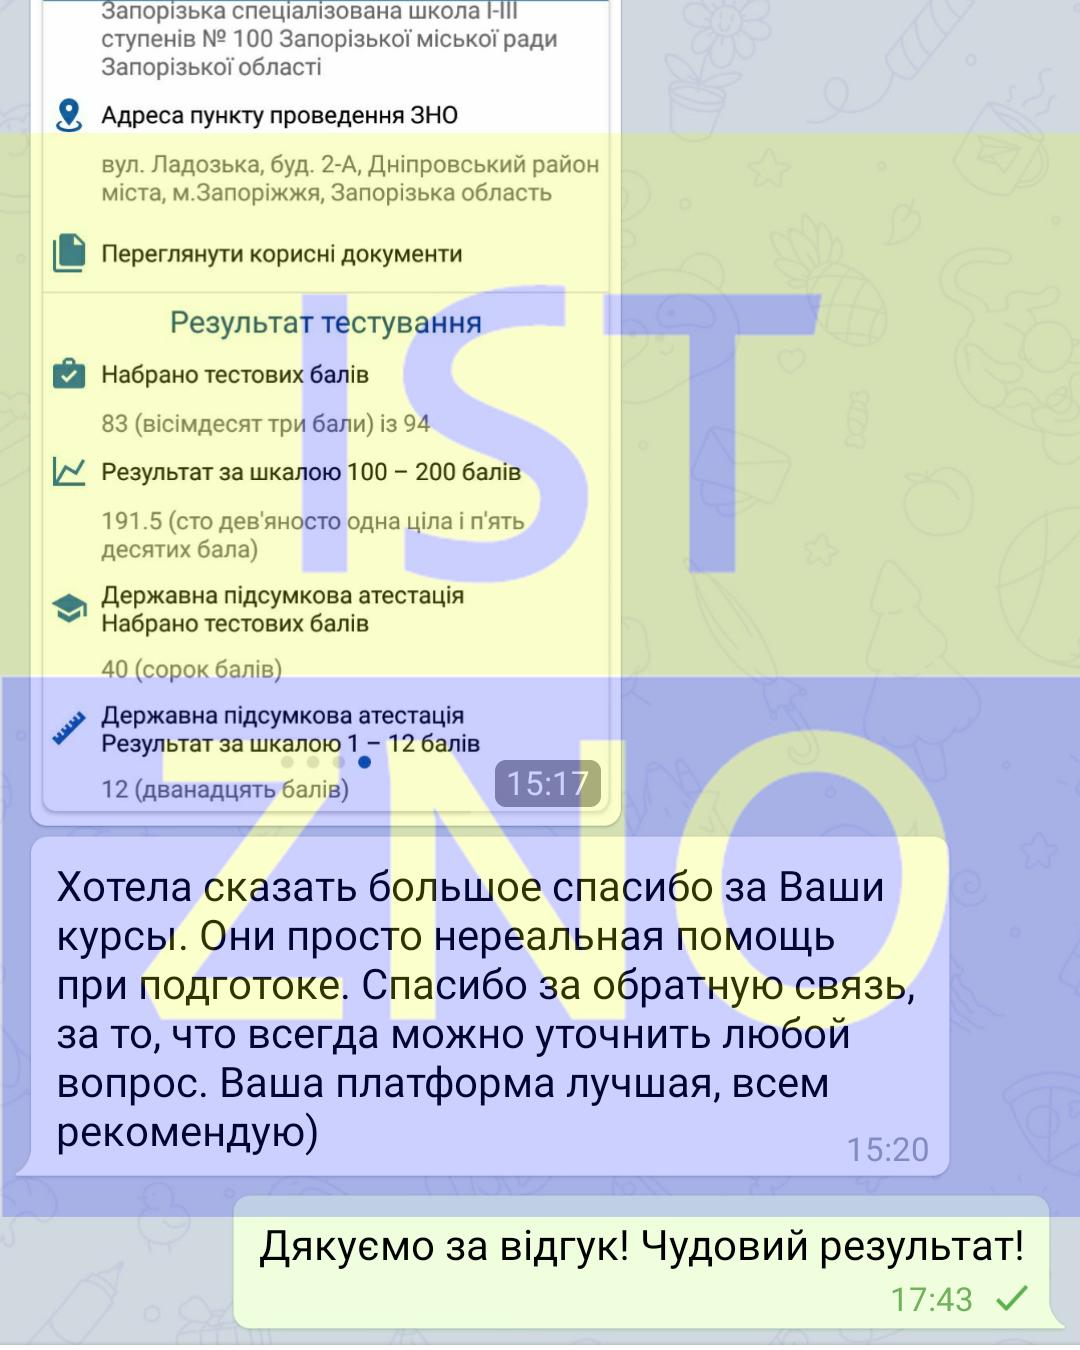 Screenshot_2019-06-23-17-43-35-395_org.telegram.messenger